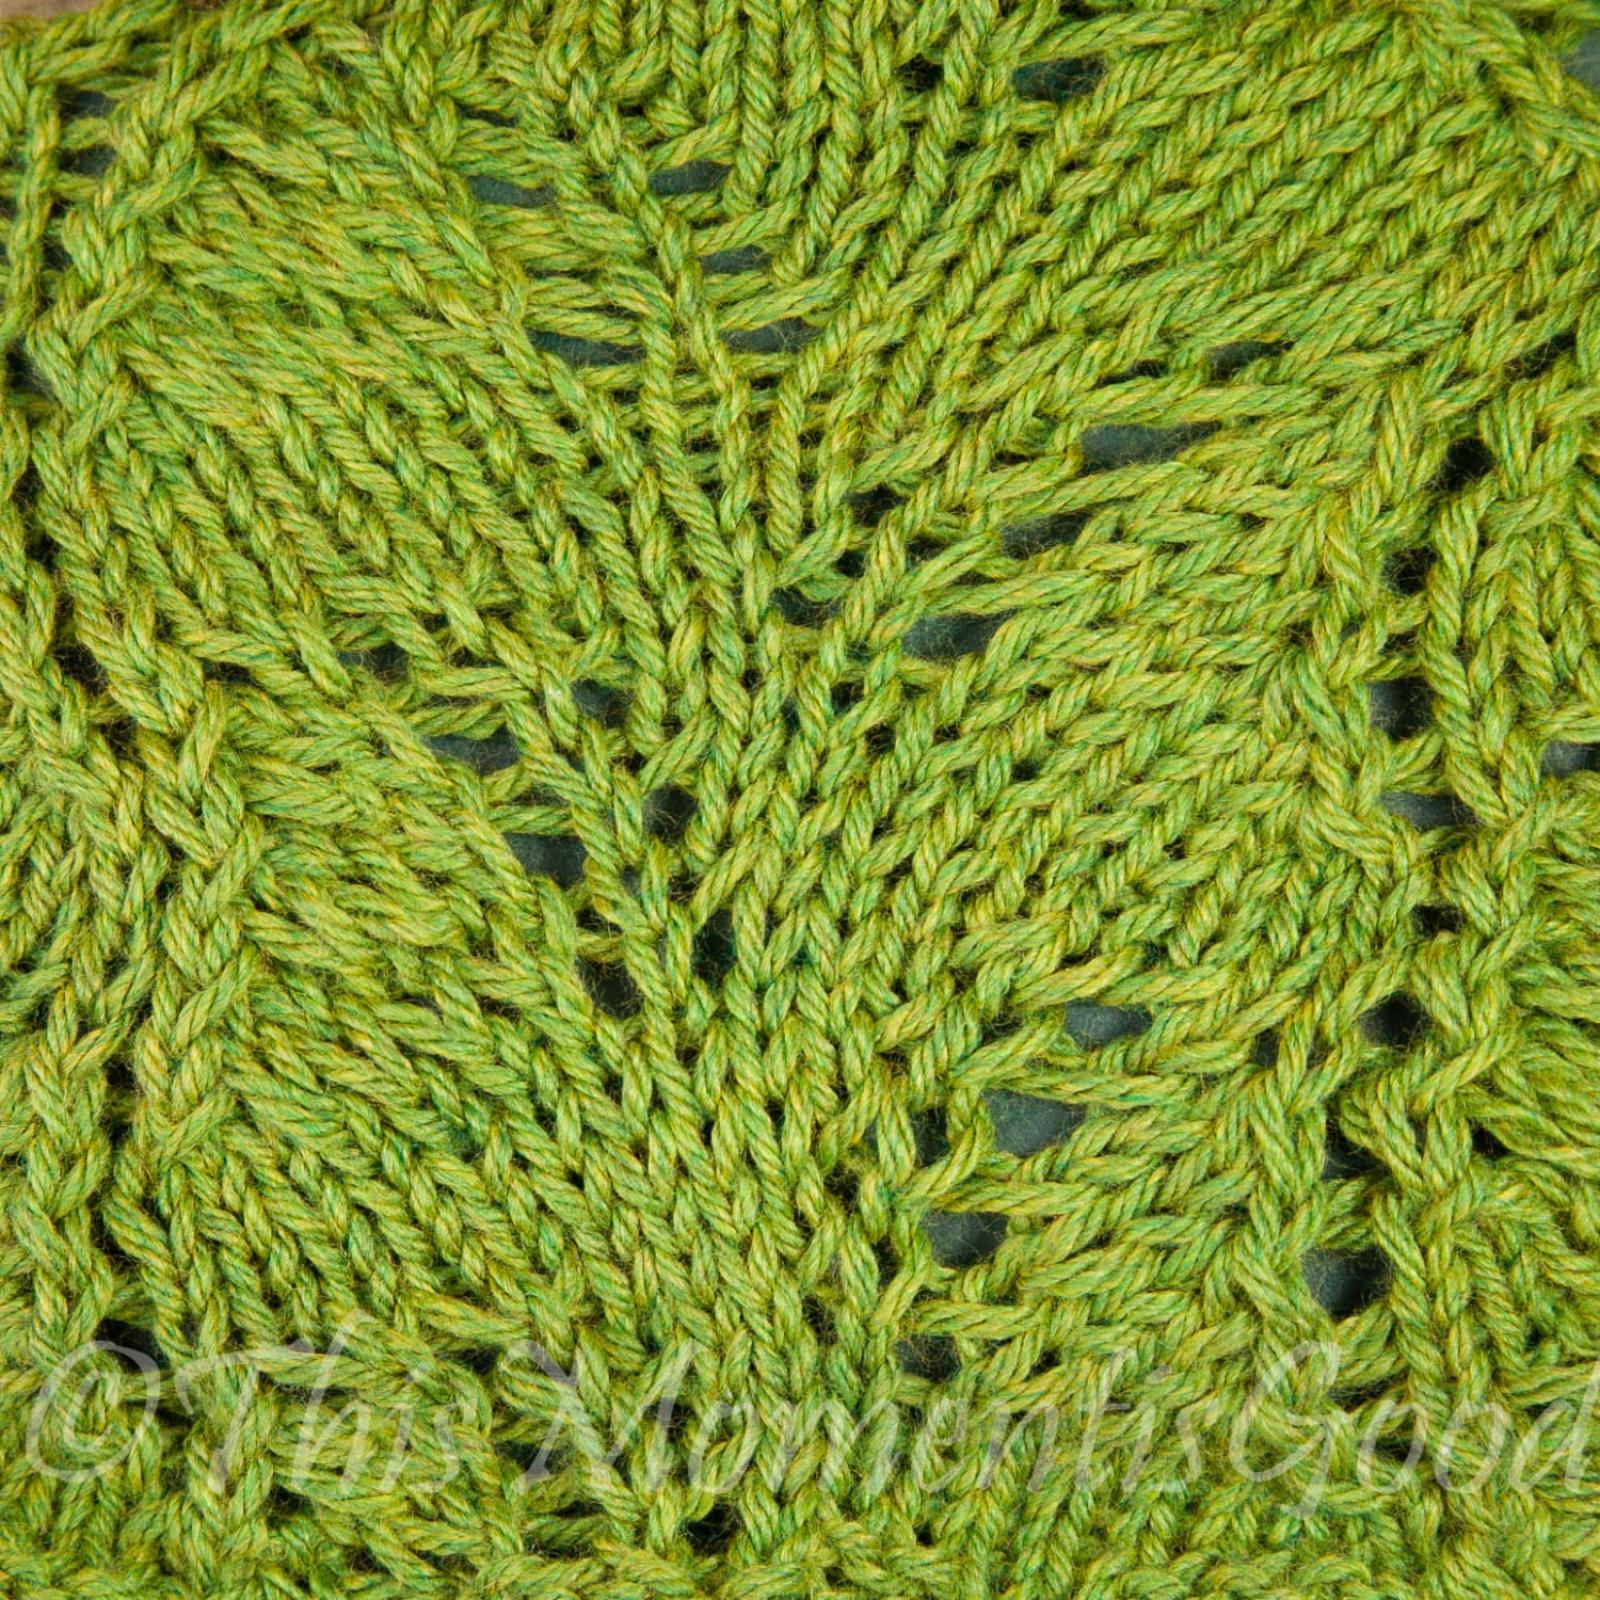 Loom Knitting Lace Pattern : LOOM KNIT FERN LACE HAT PATTERN, LIGHTWEIGHT HAT PATTERN ...